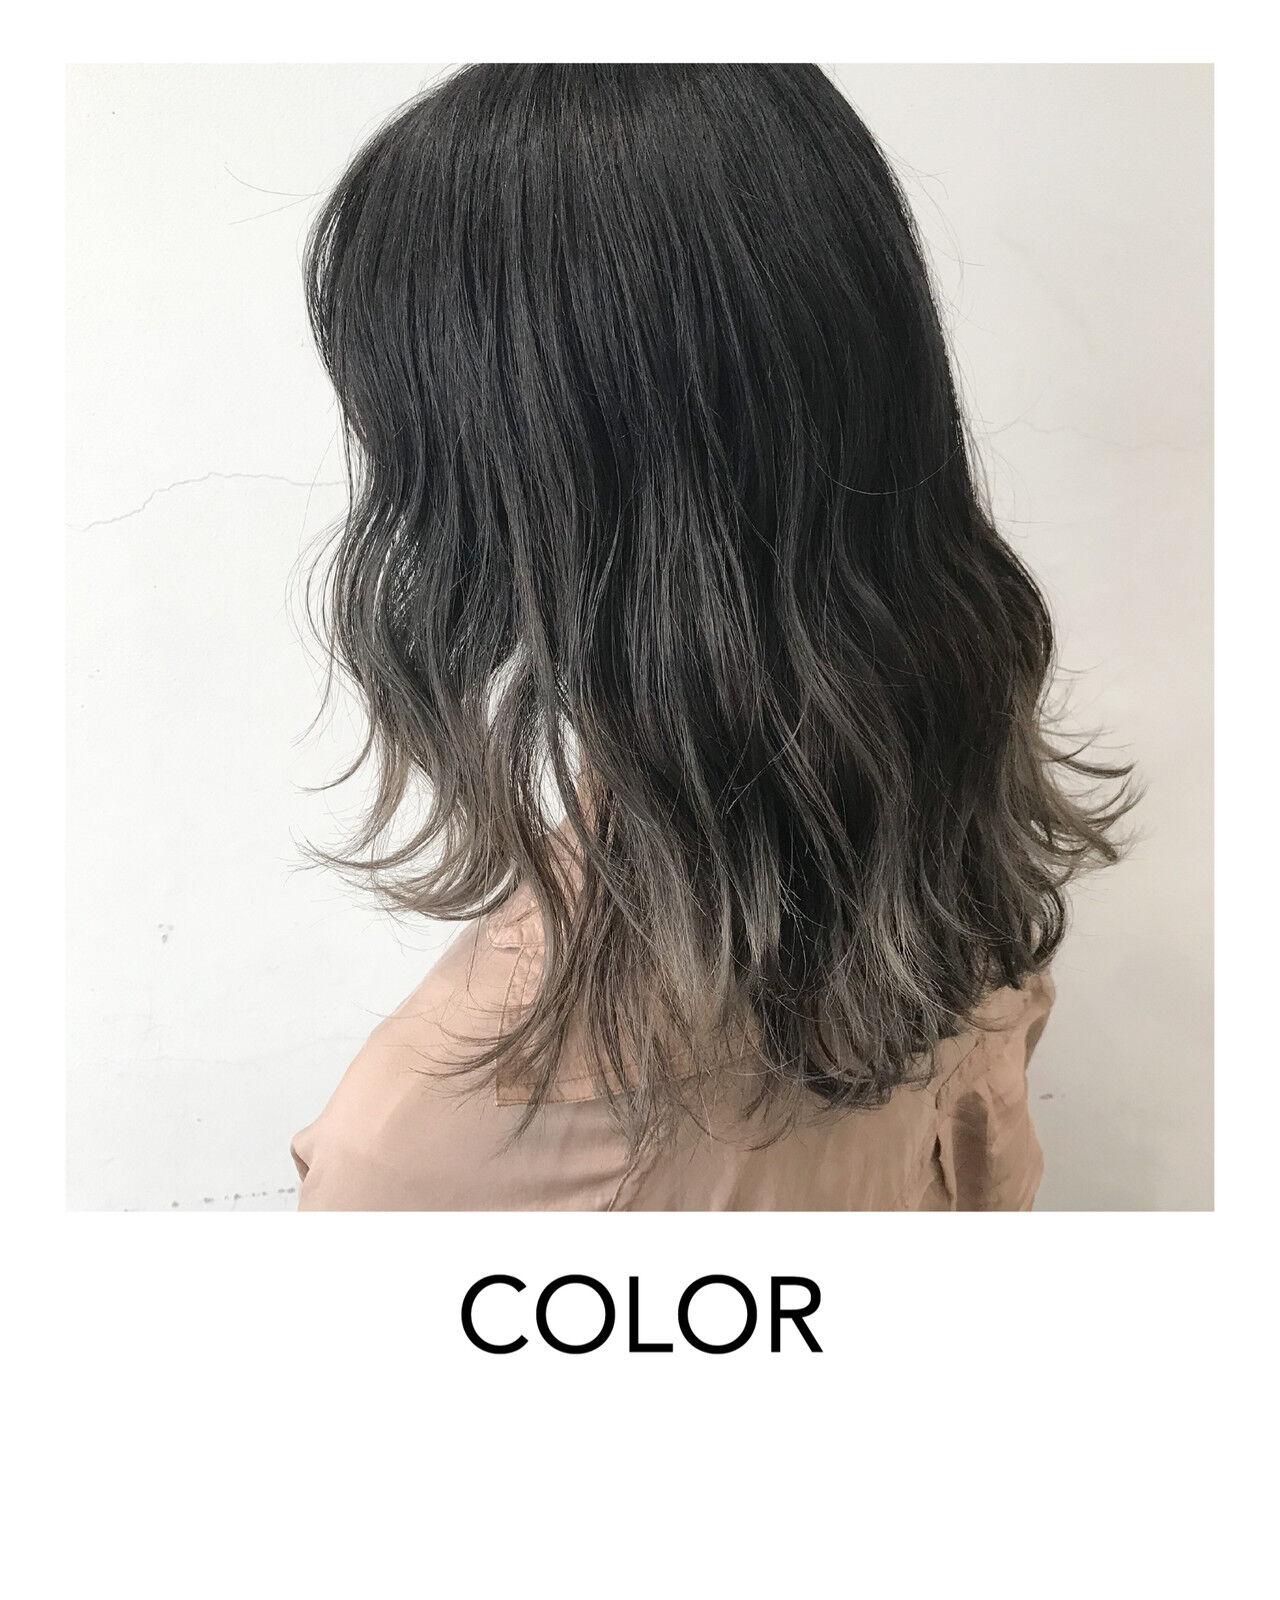 ブリーチオンカラー グラデーションカラー グラデーション ヘアアレンジヘアスタイルや髪型の写真・画像